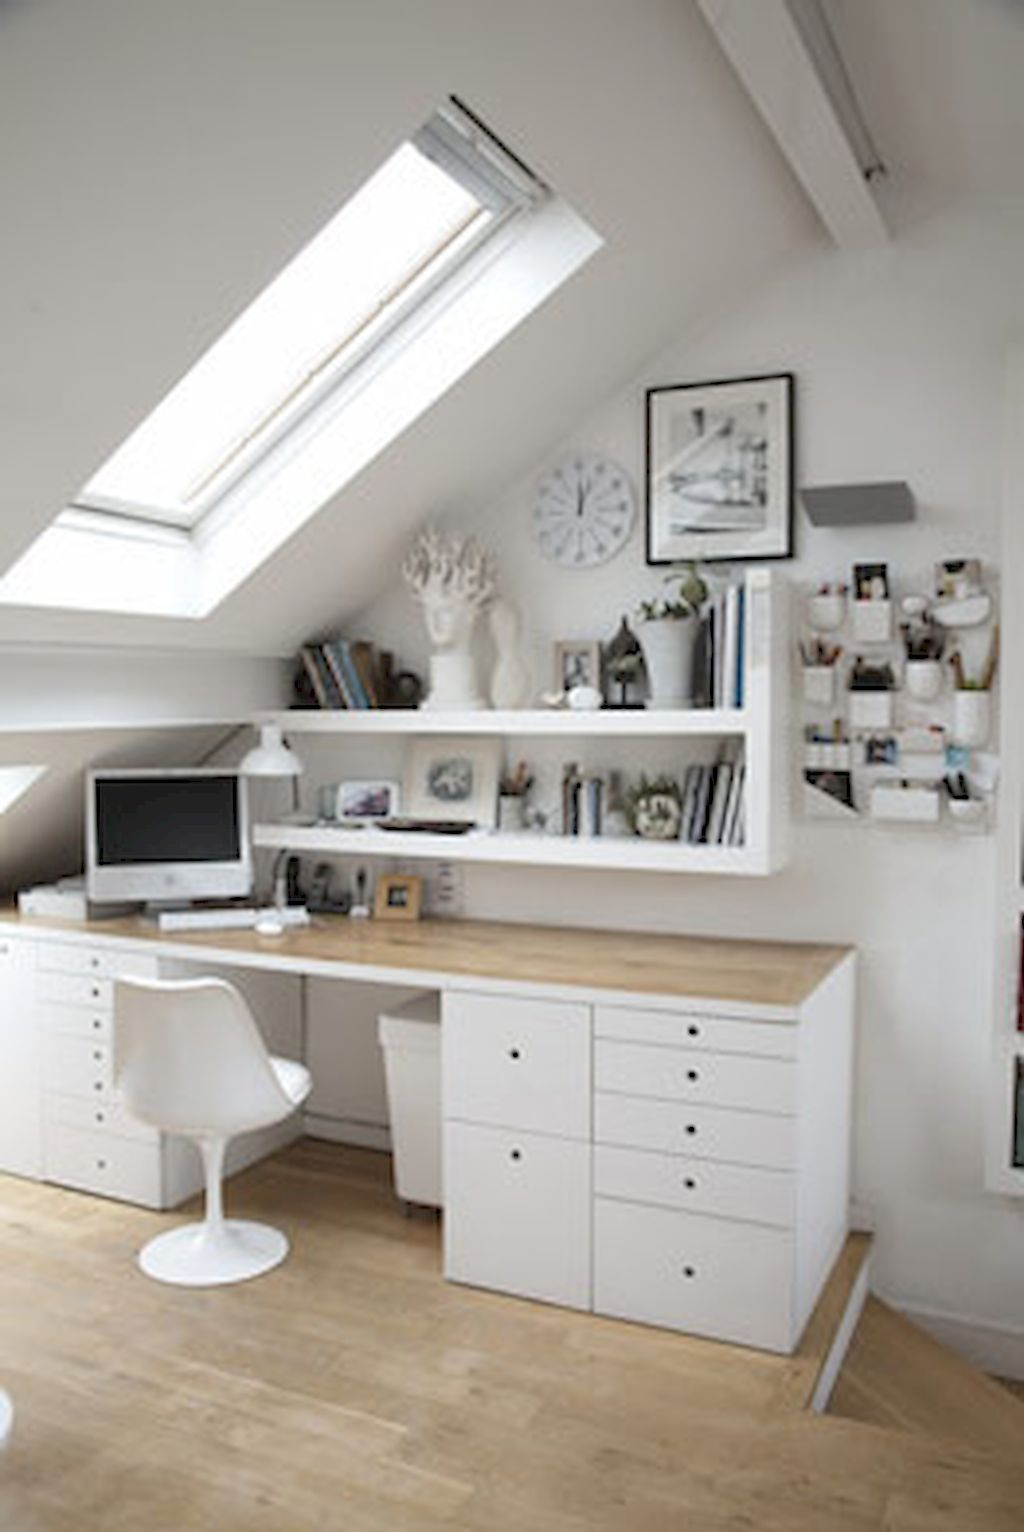 dachschr ge schlafzimmer ideen romantisches schlafzimmer. Black Bedroom Furniture Sets. Home Design Ideas